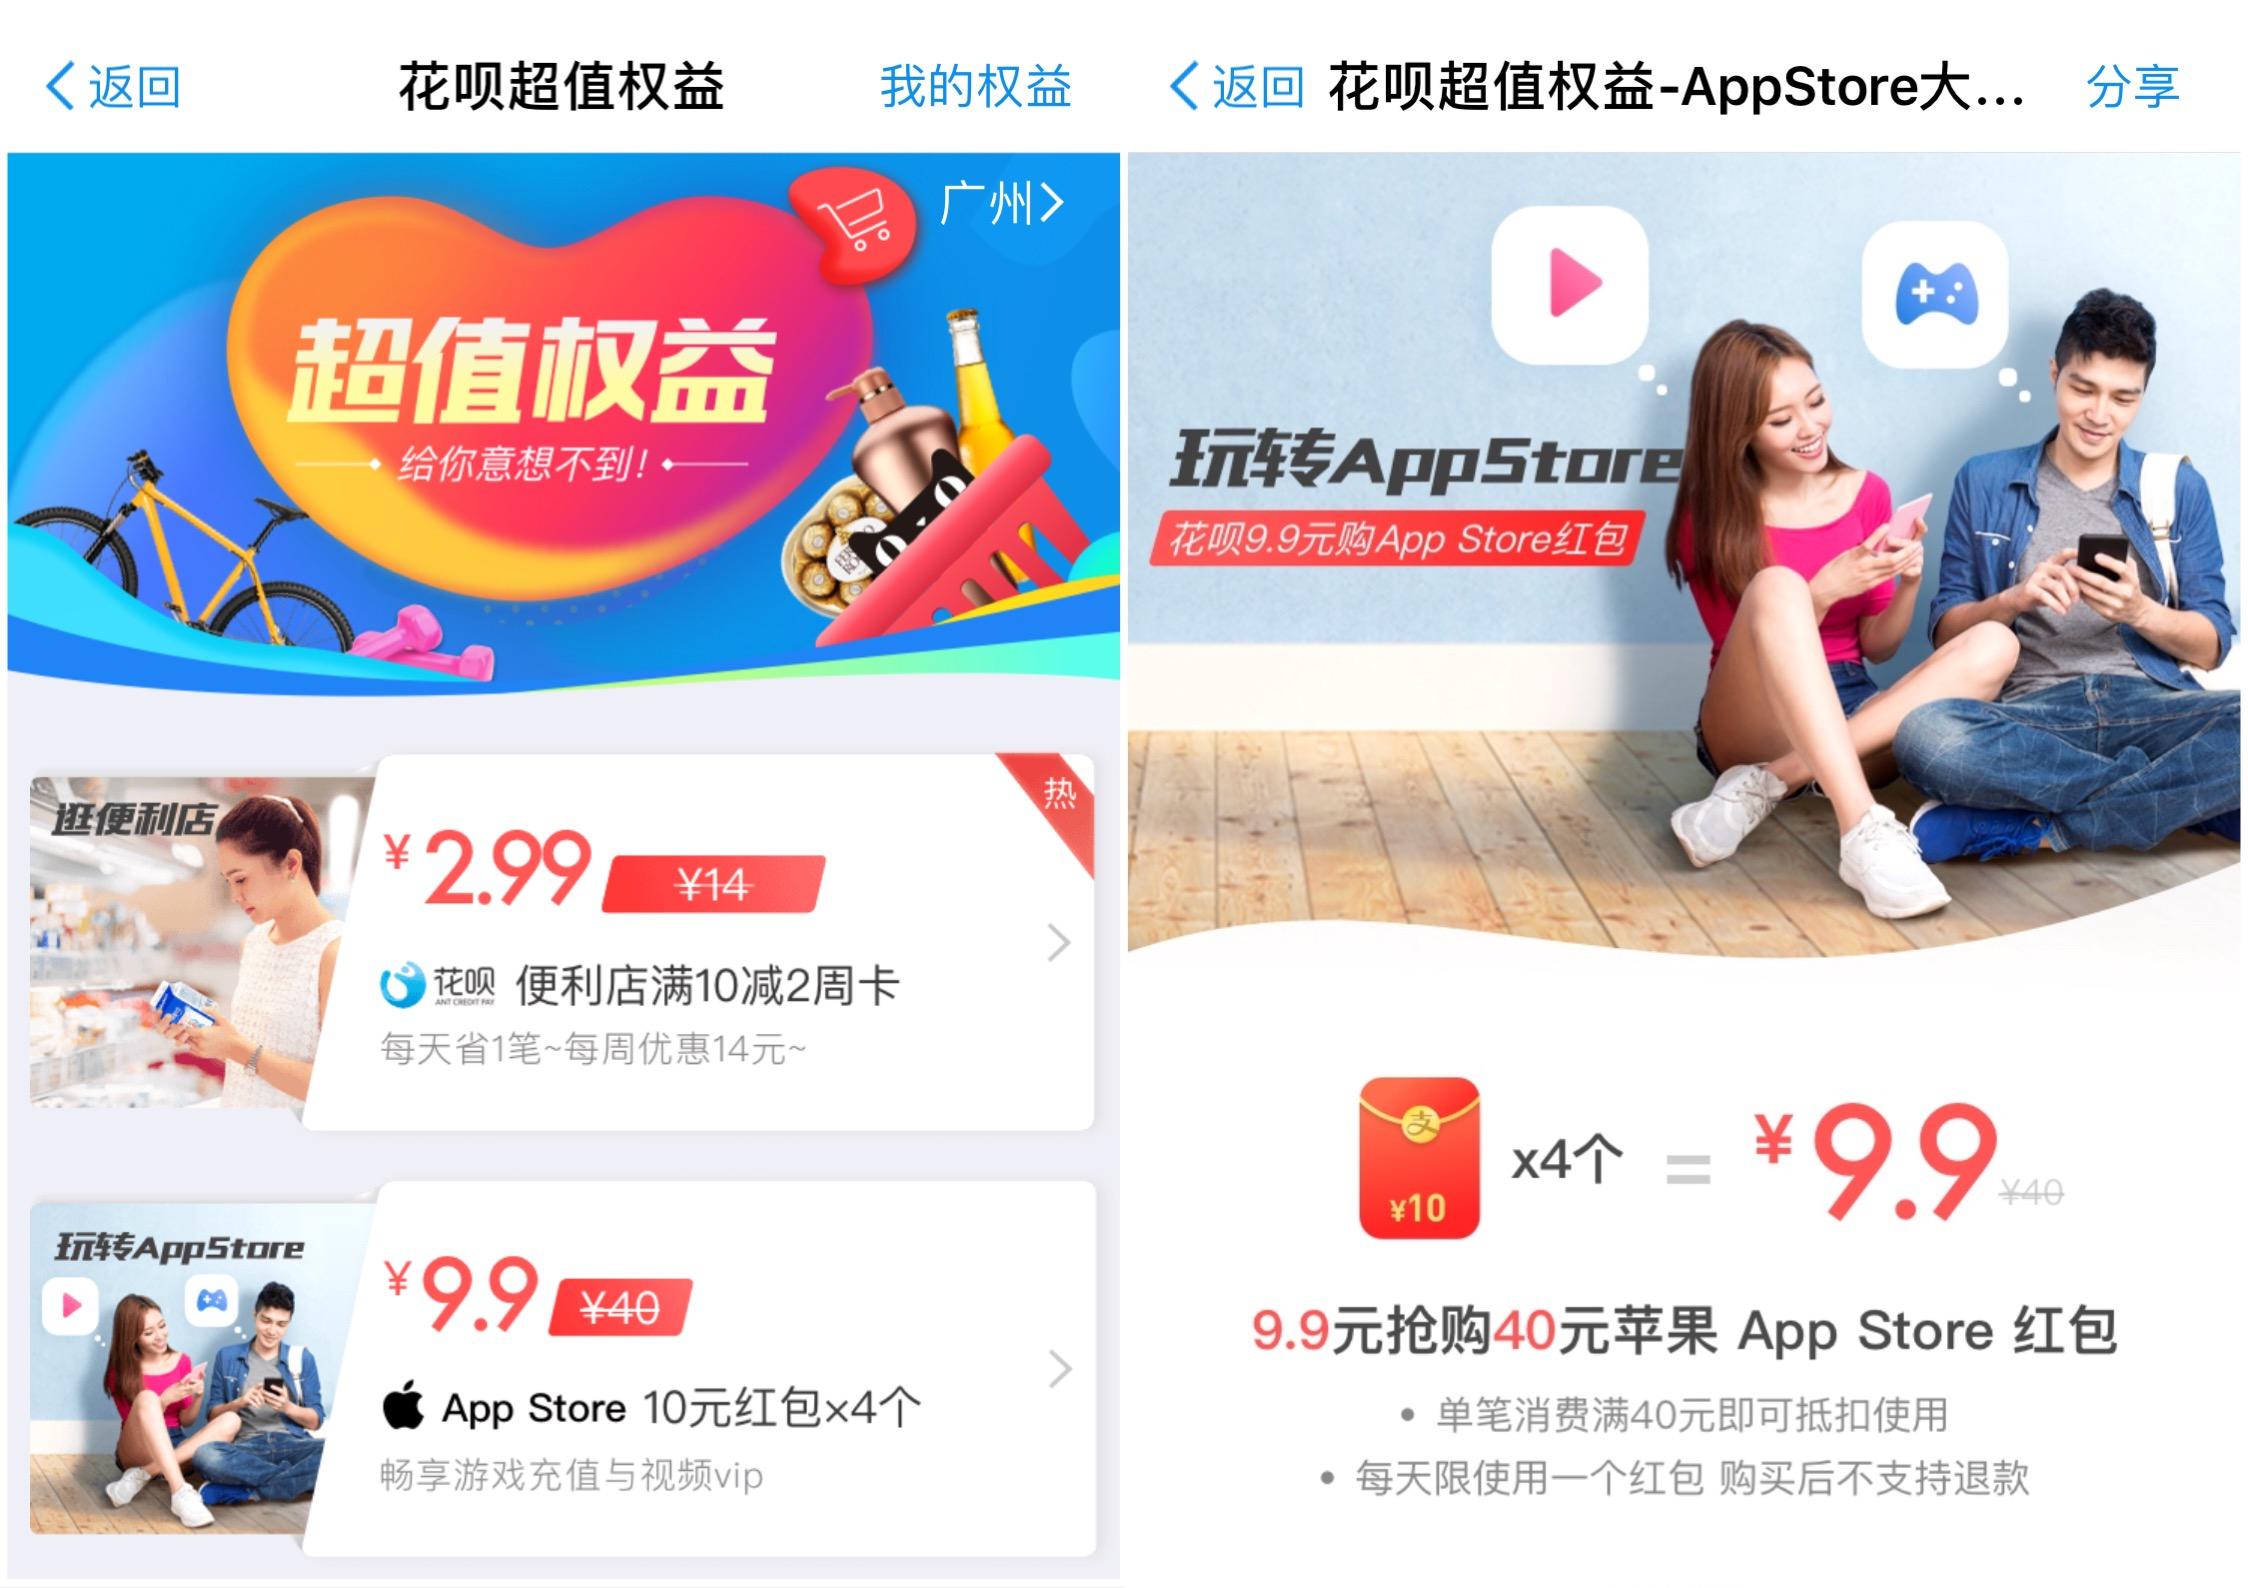 在支付宝里薅 App Store 羊毛,这些福利让你至少省下 50 块-吐槽福利